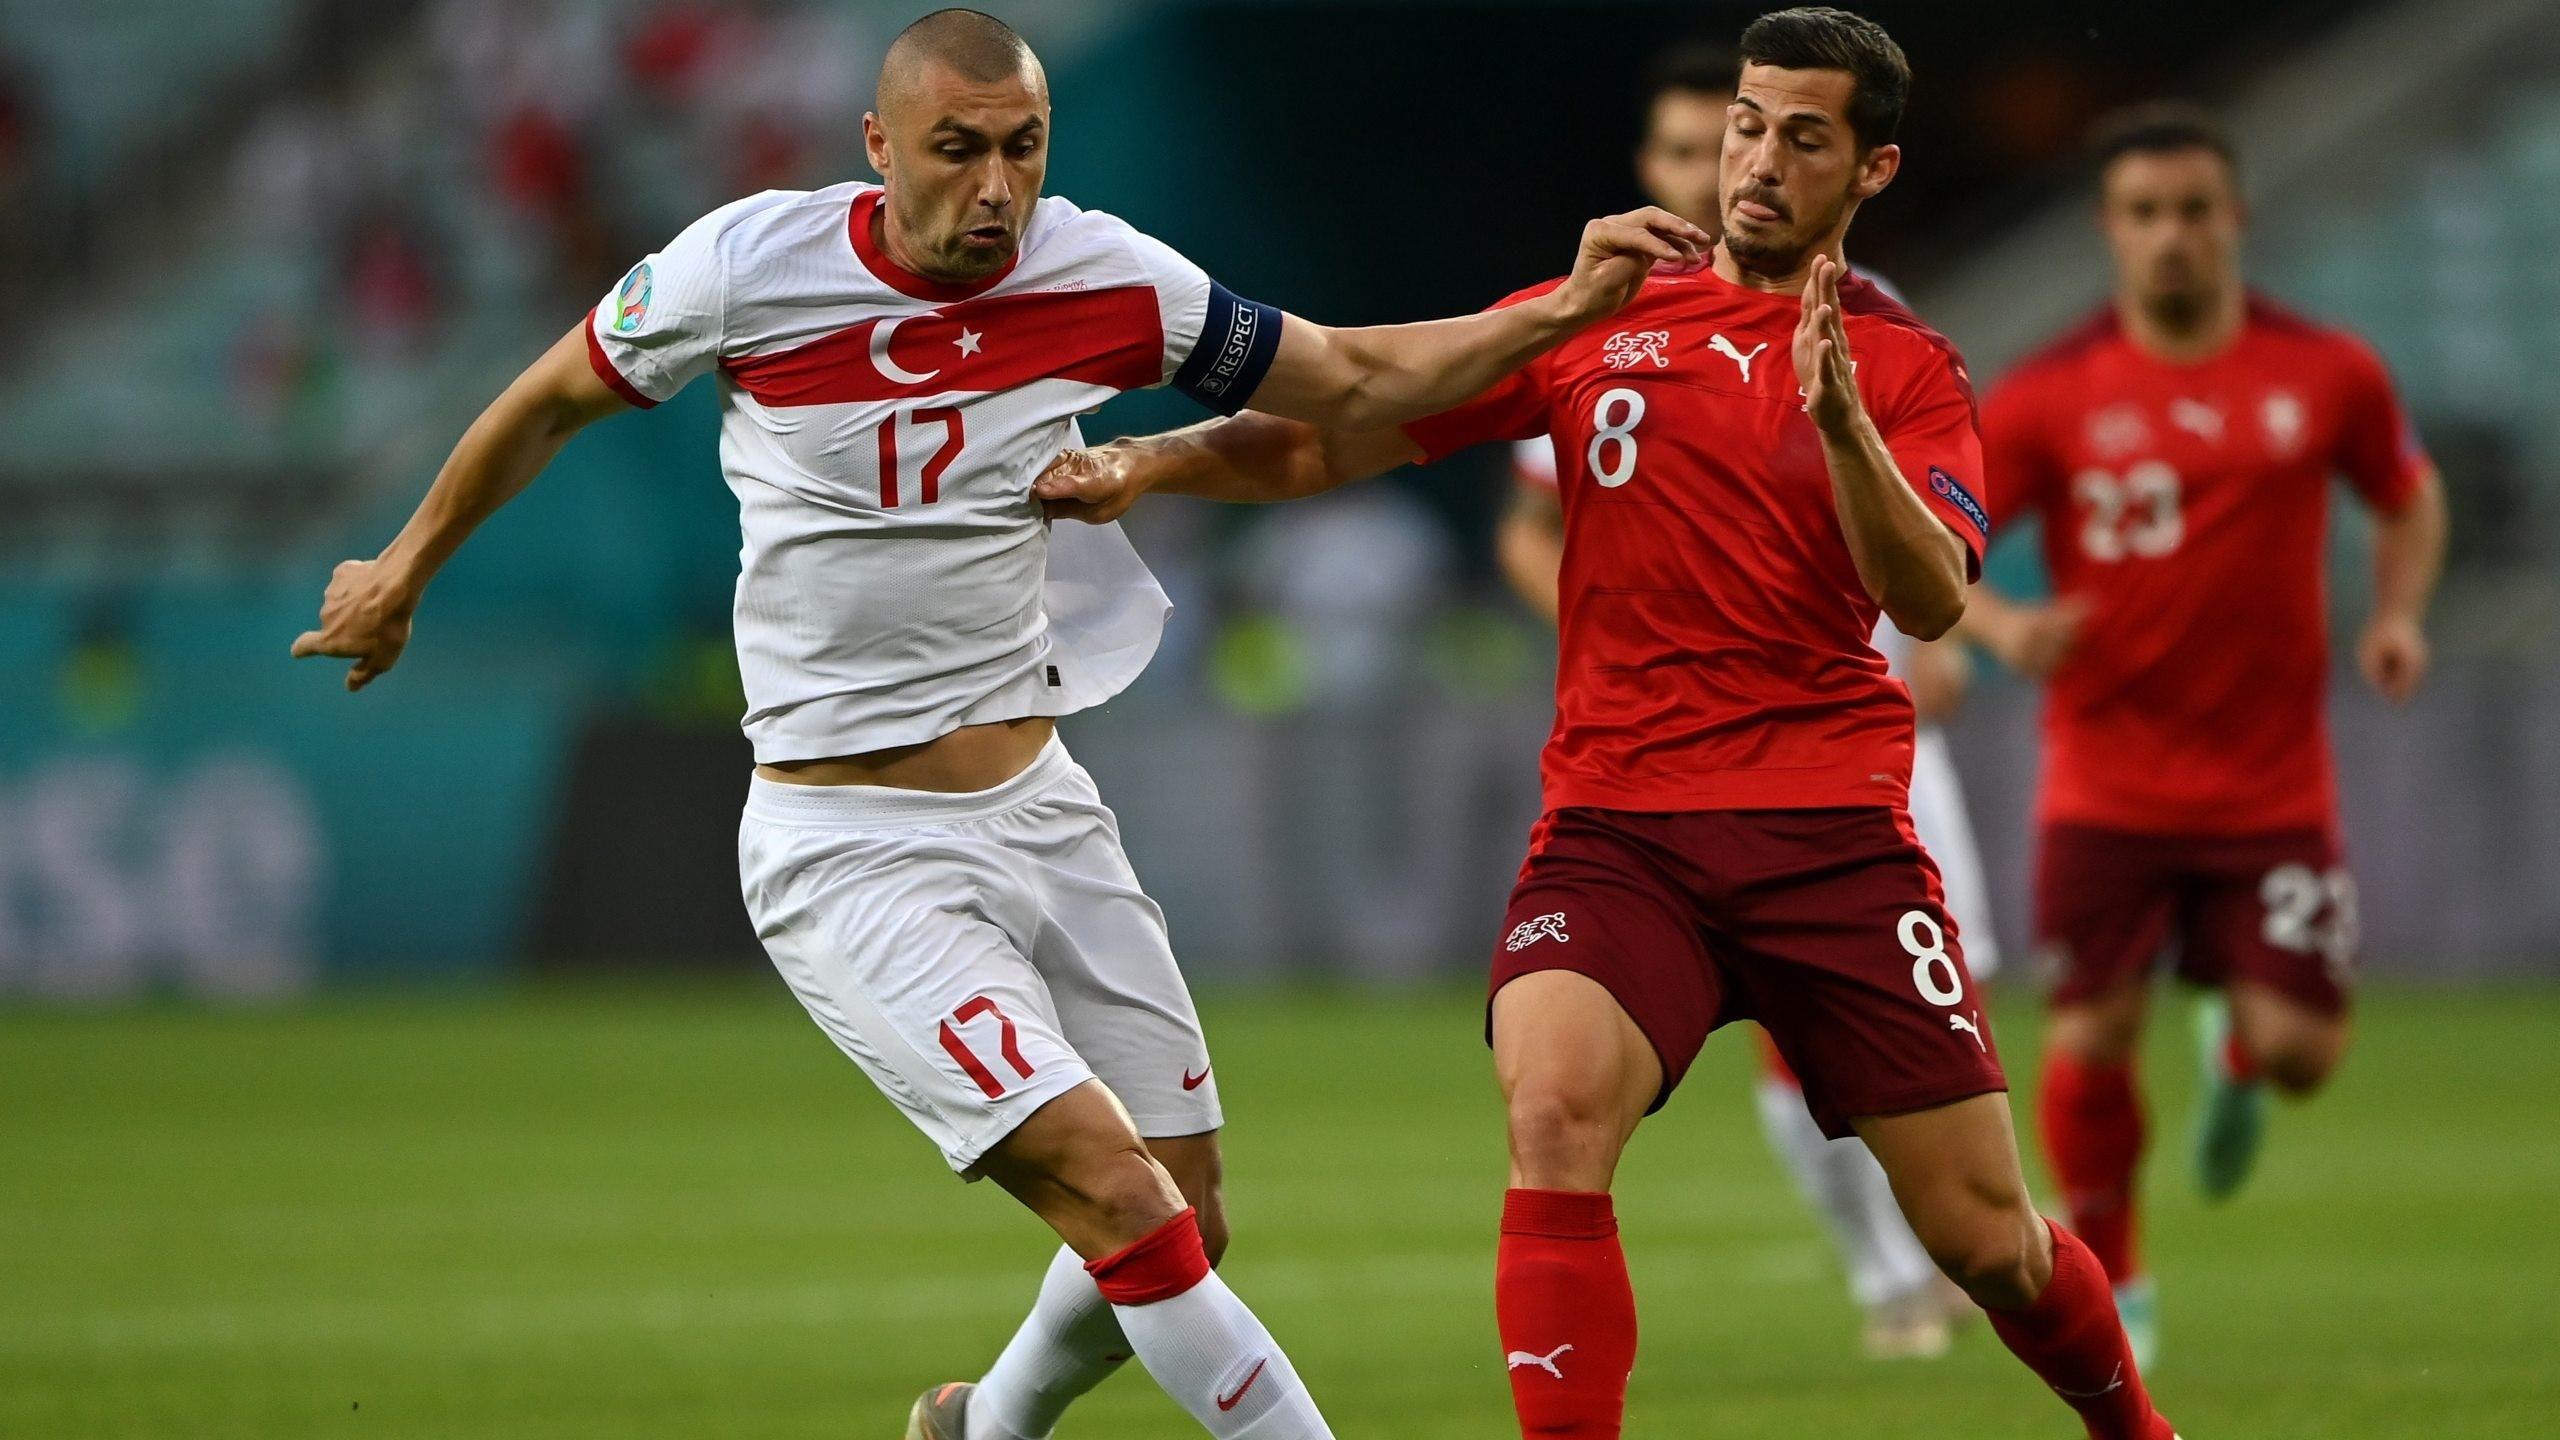 A svájci futballelnök kétli, hogy 12 helyszínen rendezhető a kontinensviadal